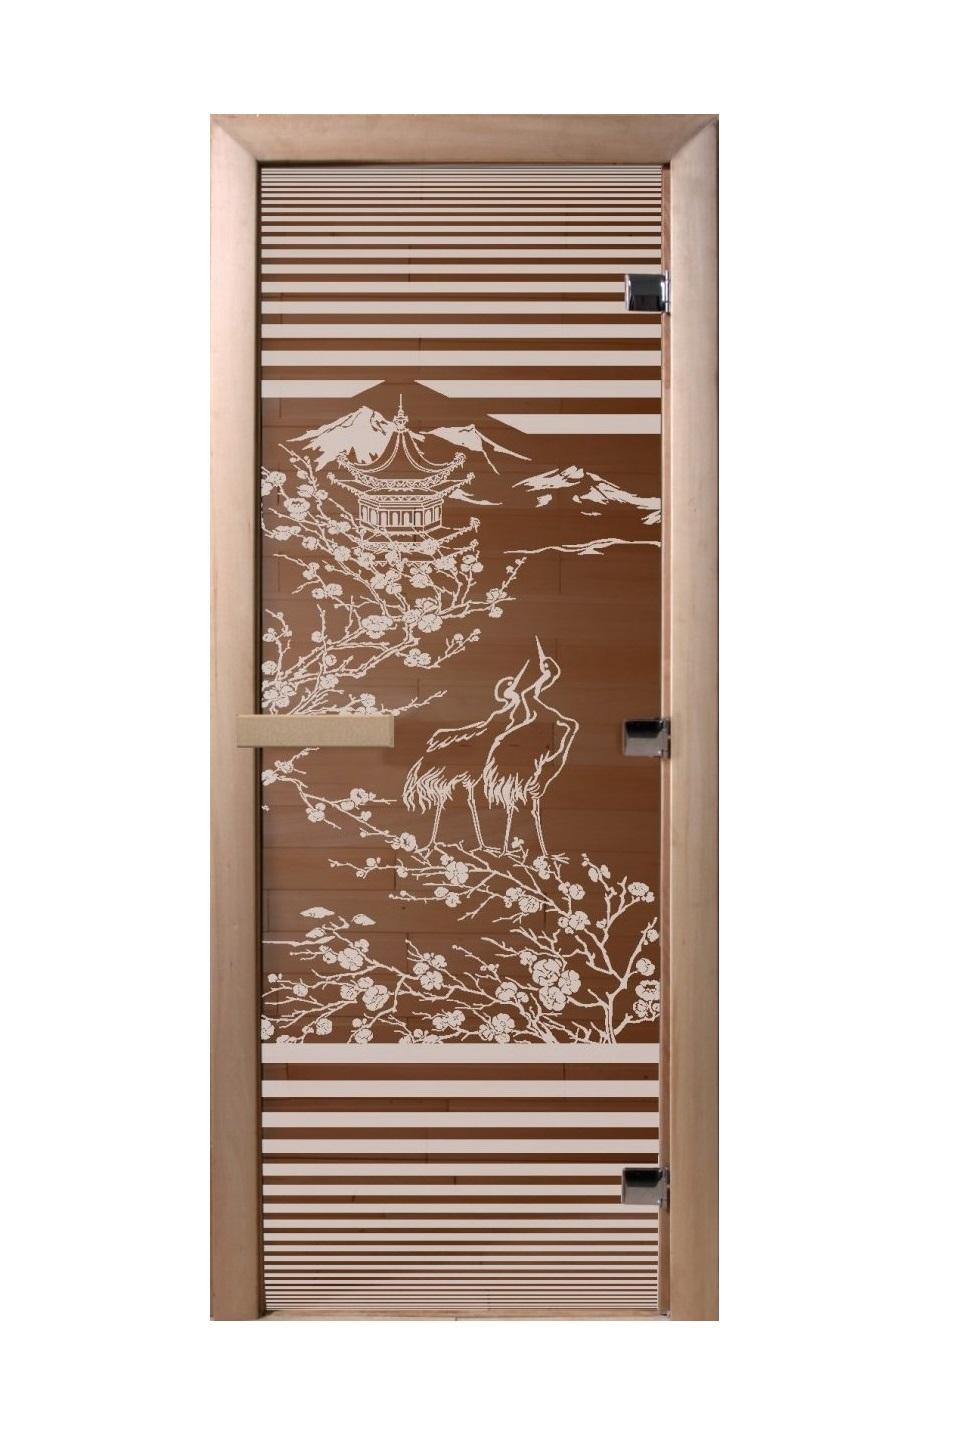 Дверь стеклянная для саун «Япония» бронза 700х1900мм